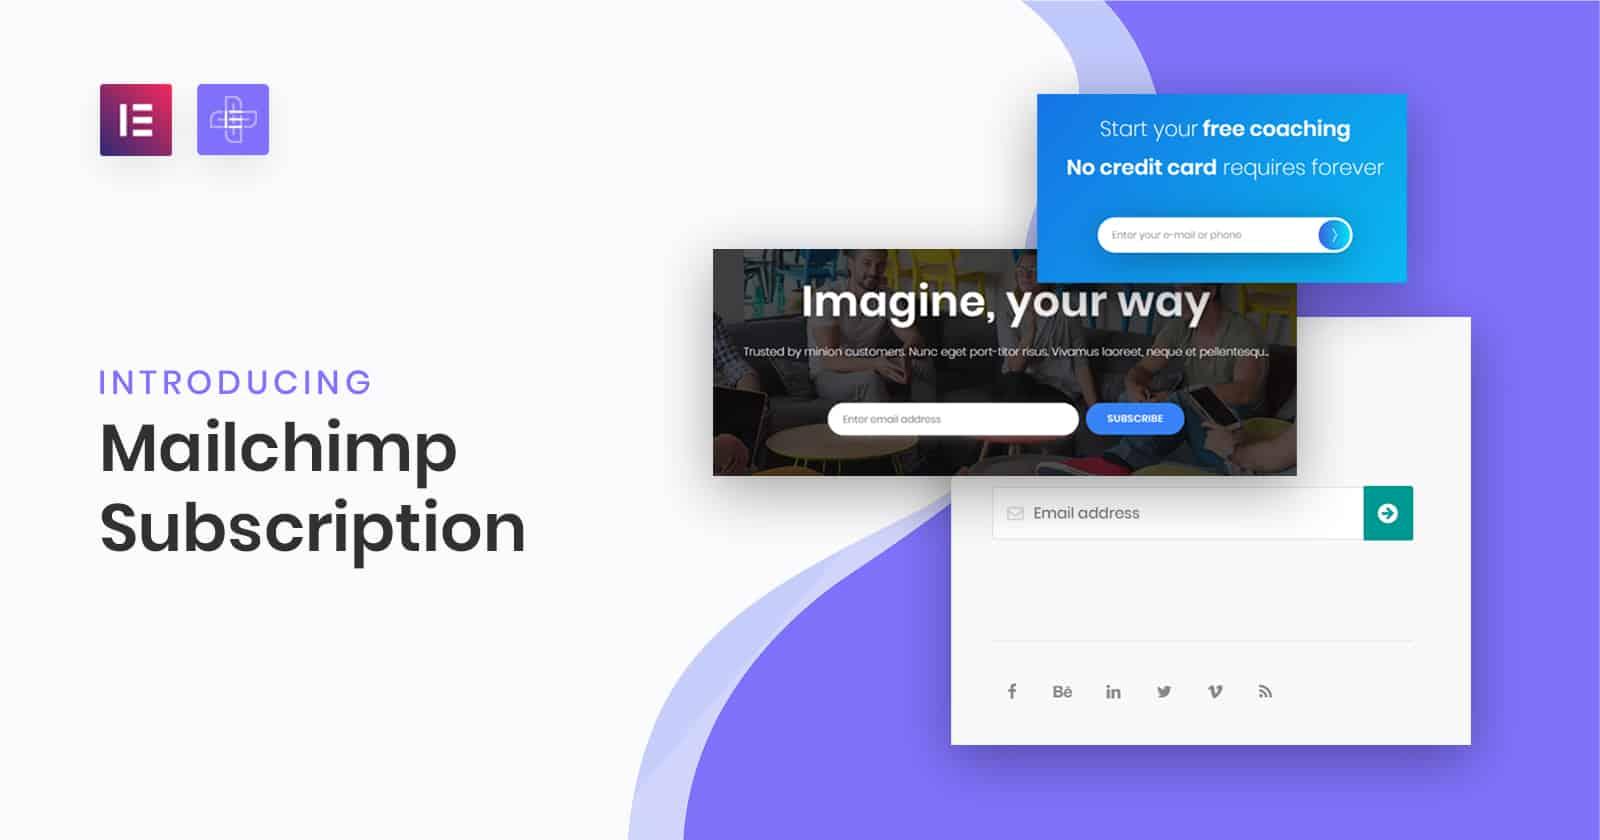 Mailchimp Subscription